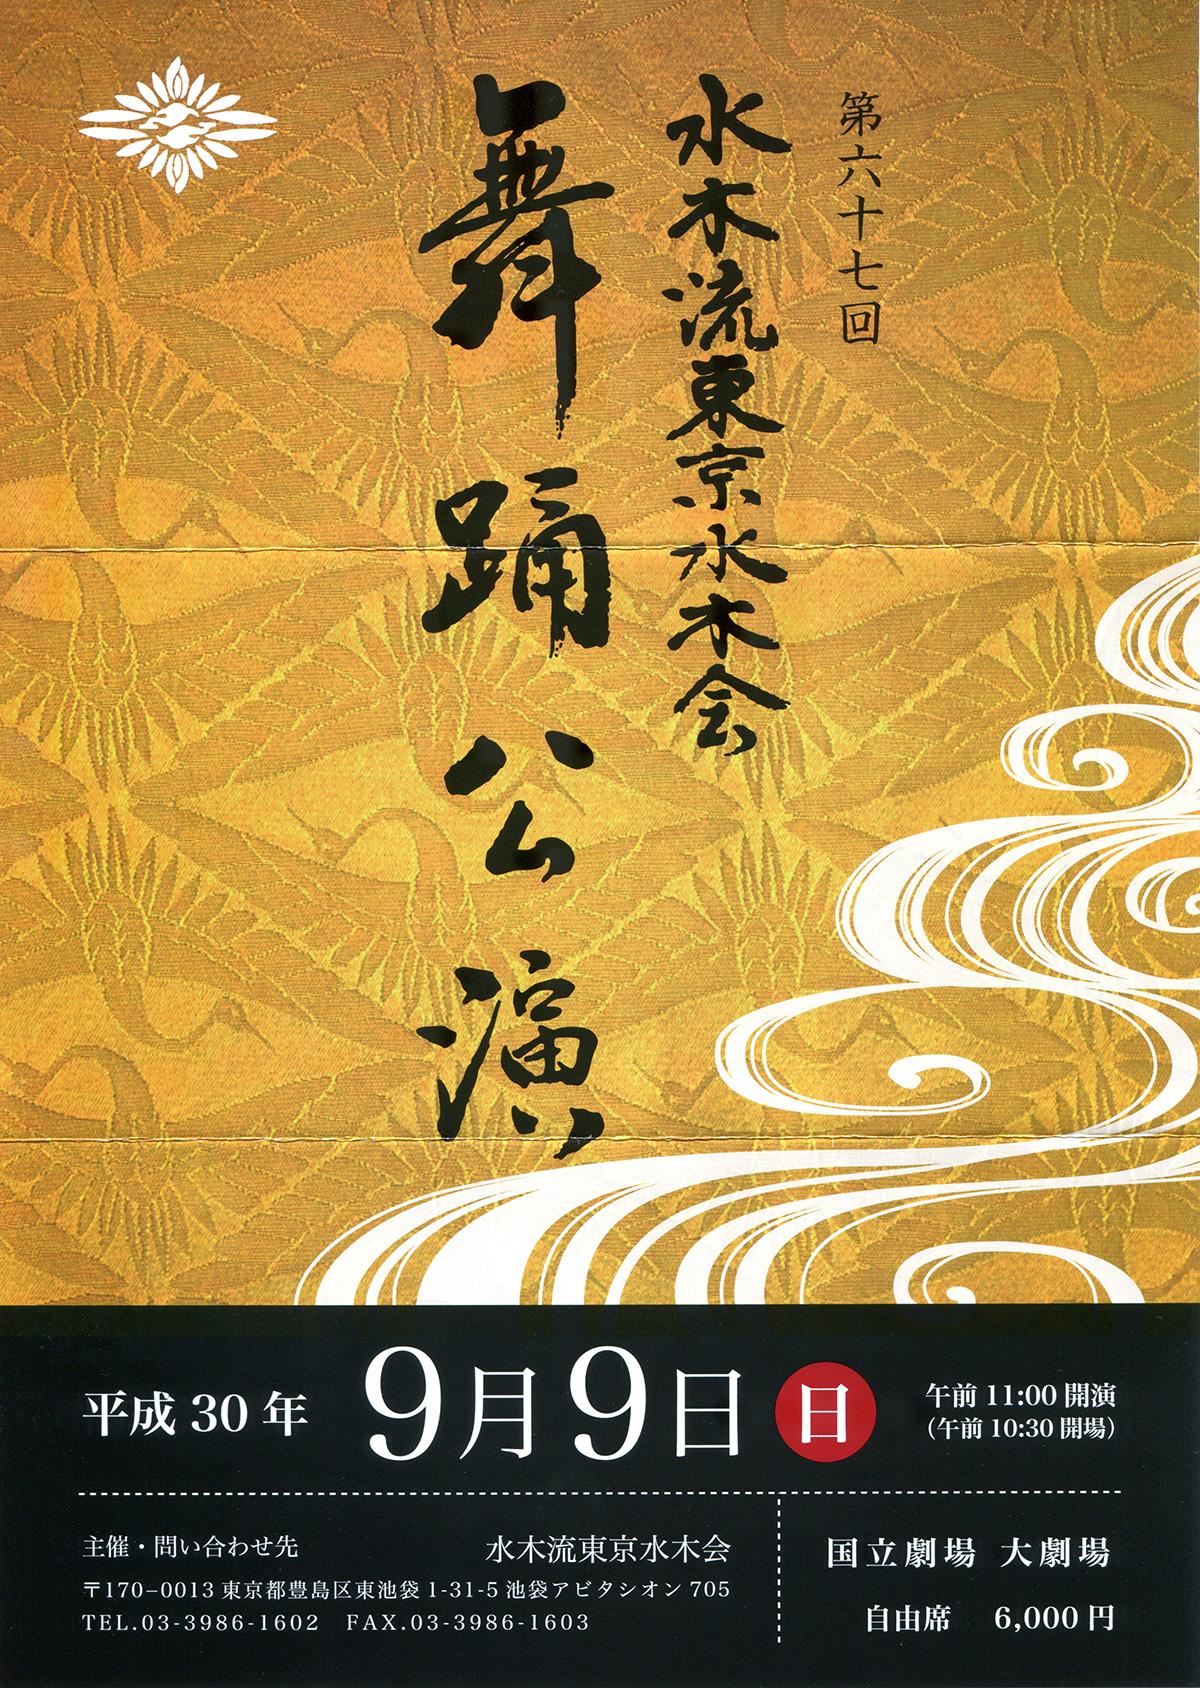 第67回 水木流東京水木会舞踊公演